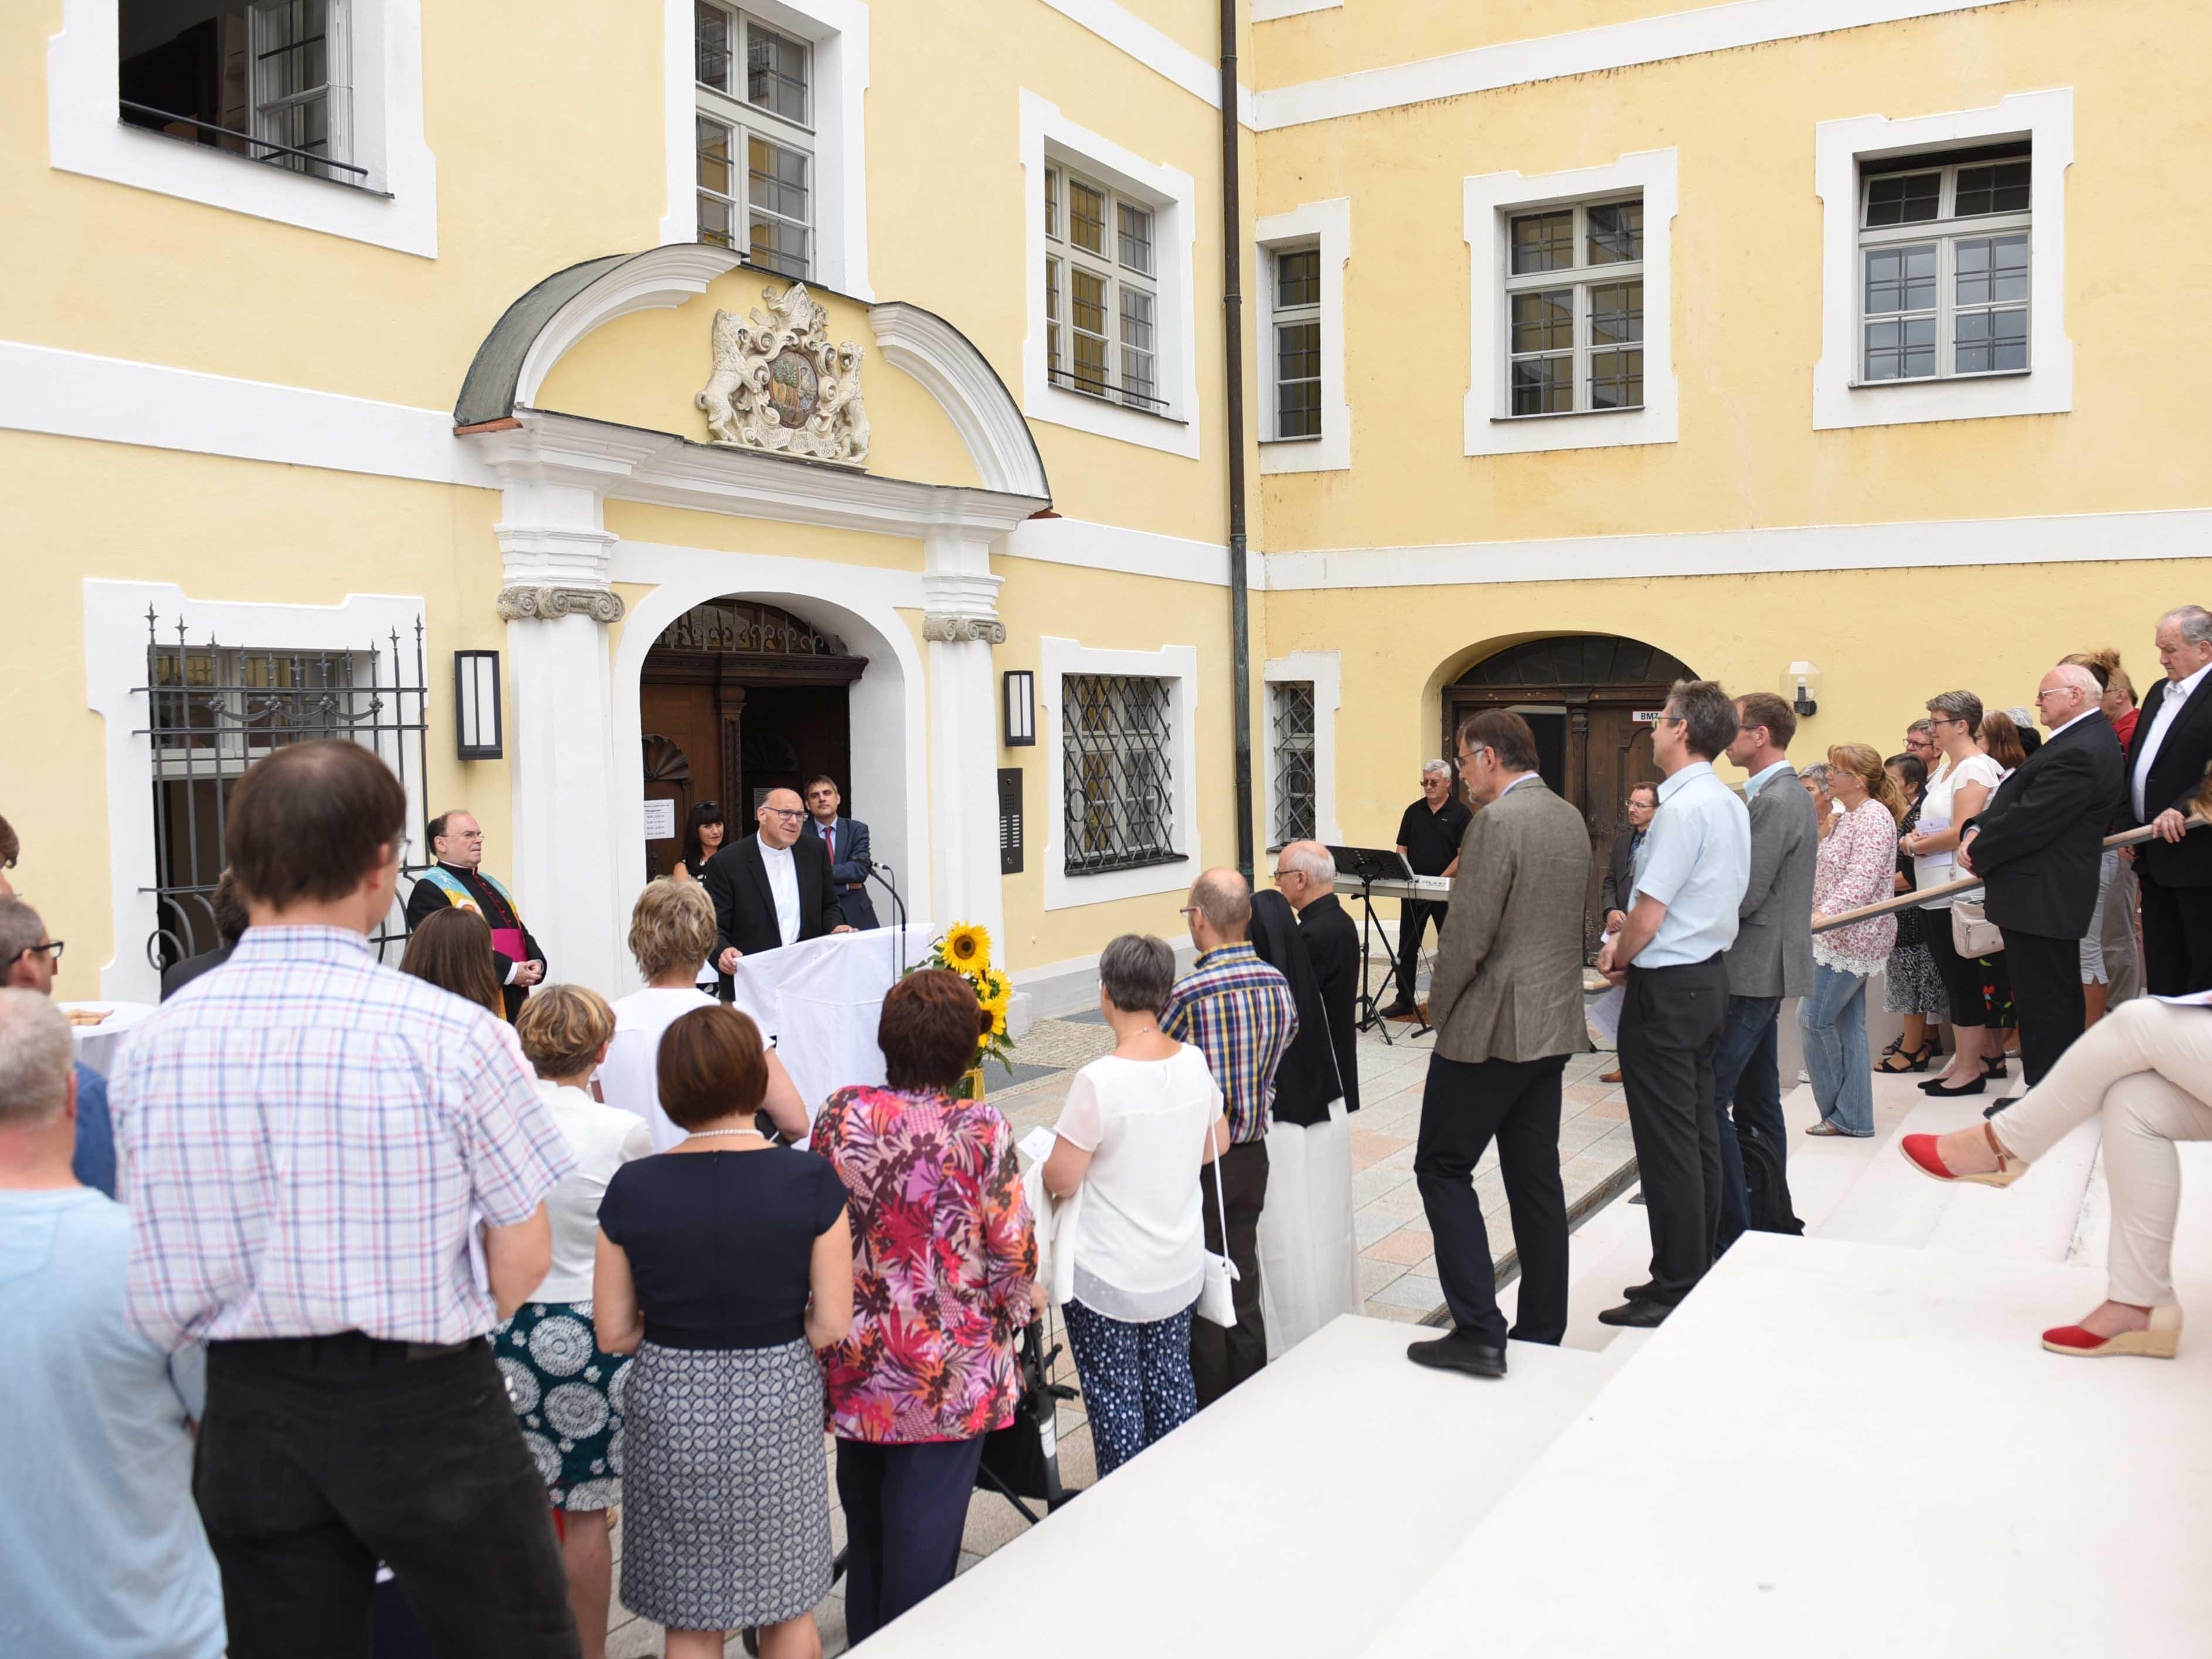 In einer Einweihungsfeier mit rund 100 Festgästen wurden die neuen Räumlichkeiten der Außenstelle gesegnet (Foto: Maria Steber / pba).